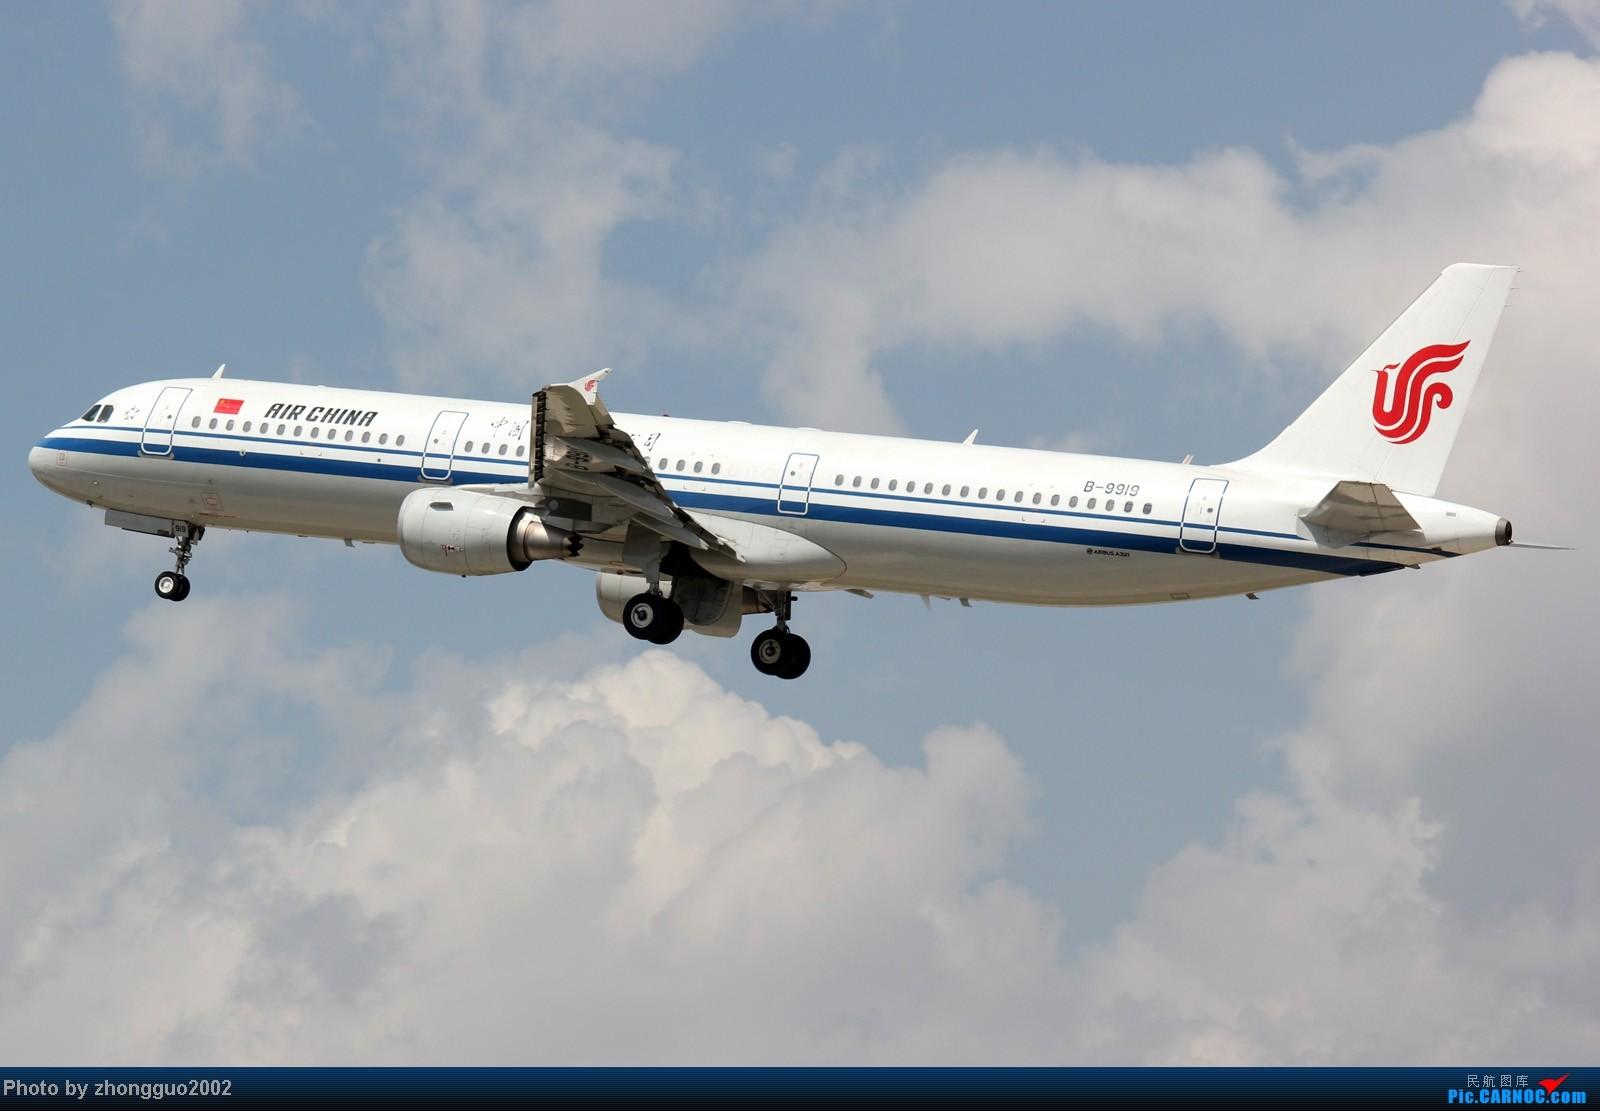 Re:[原创]东航的新邮戳321,世博彩绘机,南航、瑞丽、河北、深圳航空的新飞机,香港航空、长荣航空、远东、韩国济州航空的飞机,国航772,大大小小一堆飞机!!!! AIRBUS A321-200 B-9919 中国呼和浩特白塔机场